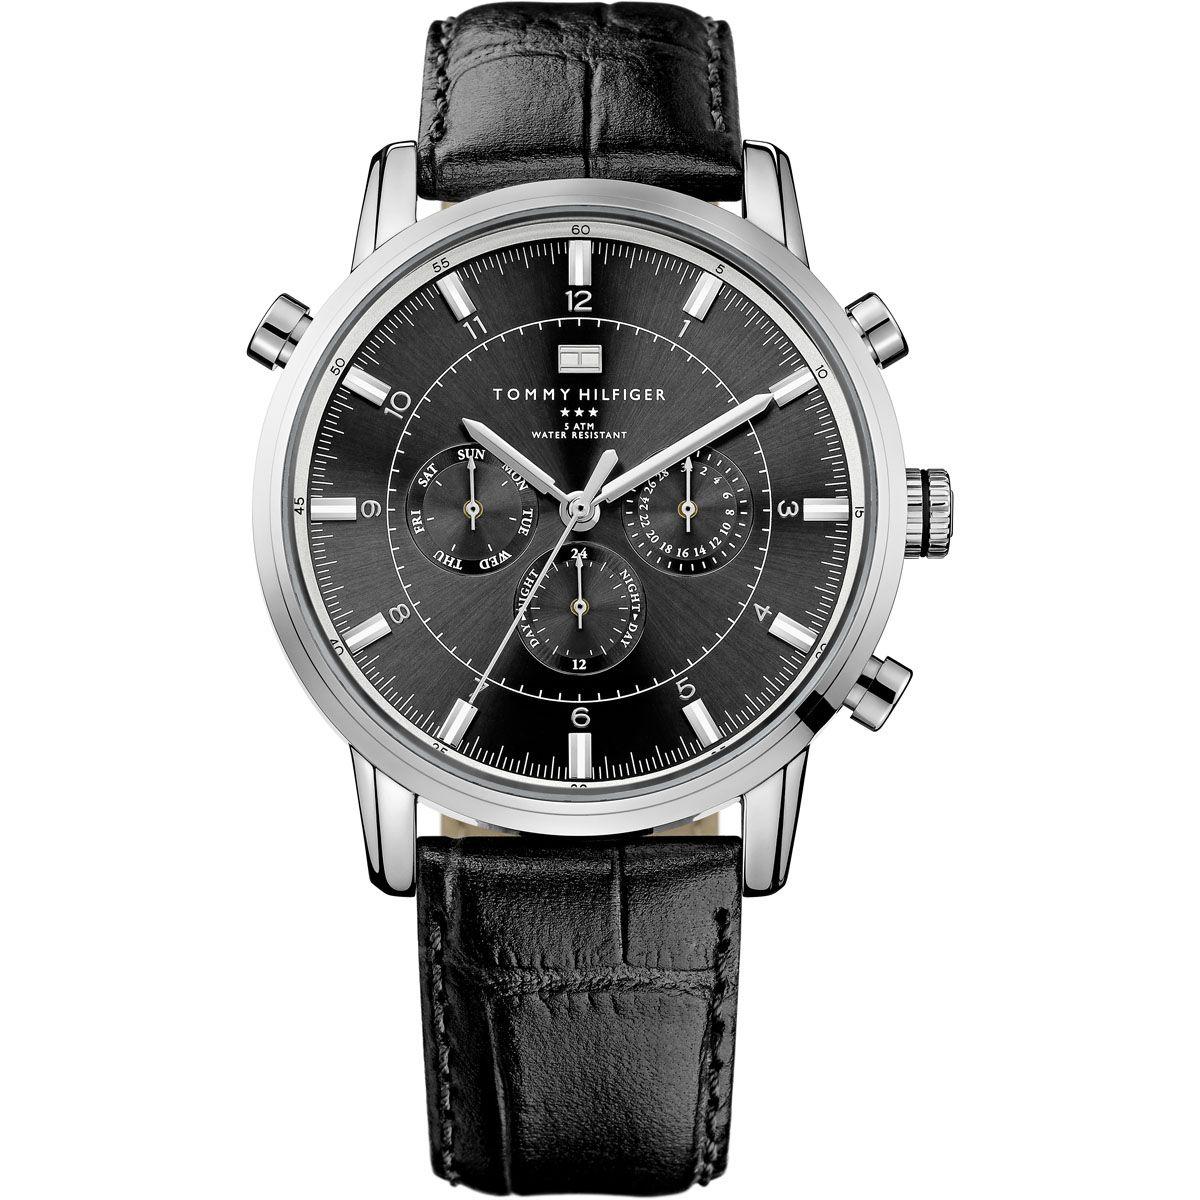 fb4f04bef76d TOMMY HILFIGER Reloj 1790875 Reloj De Pulsera Hombre